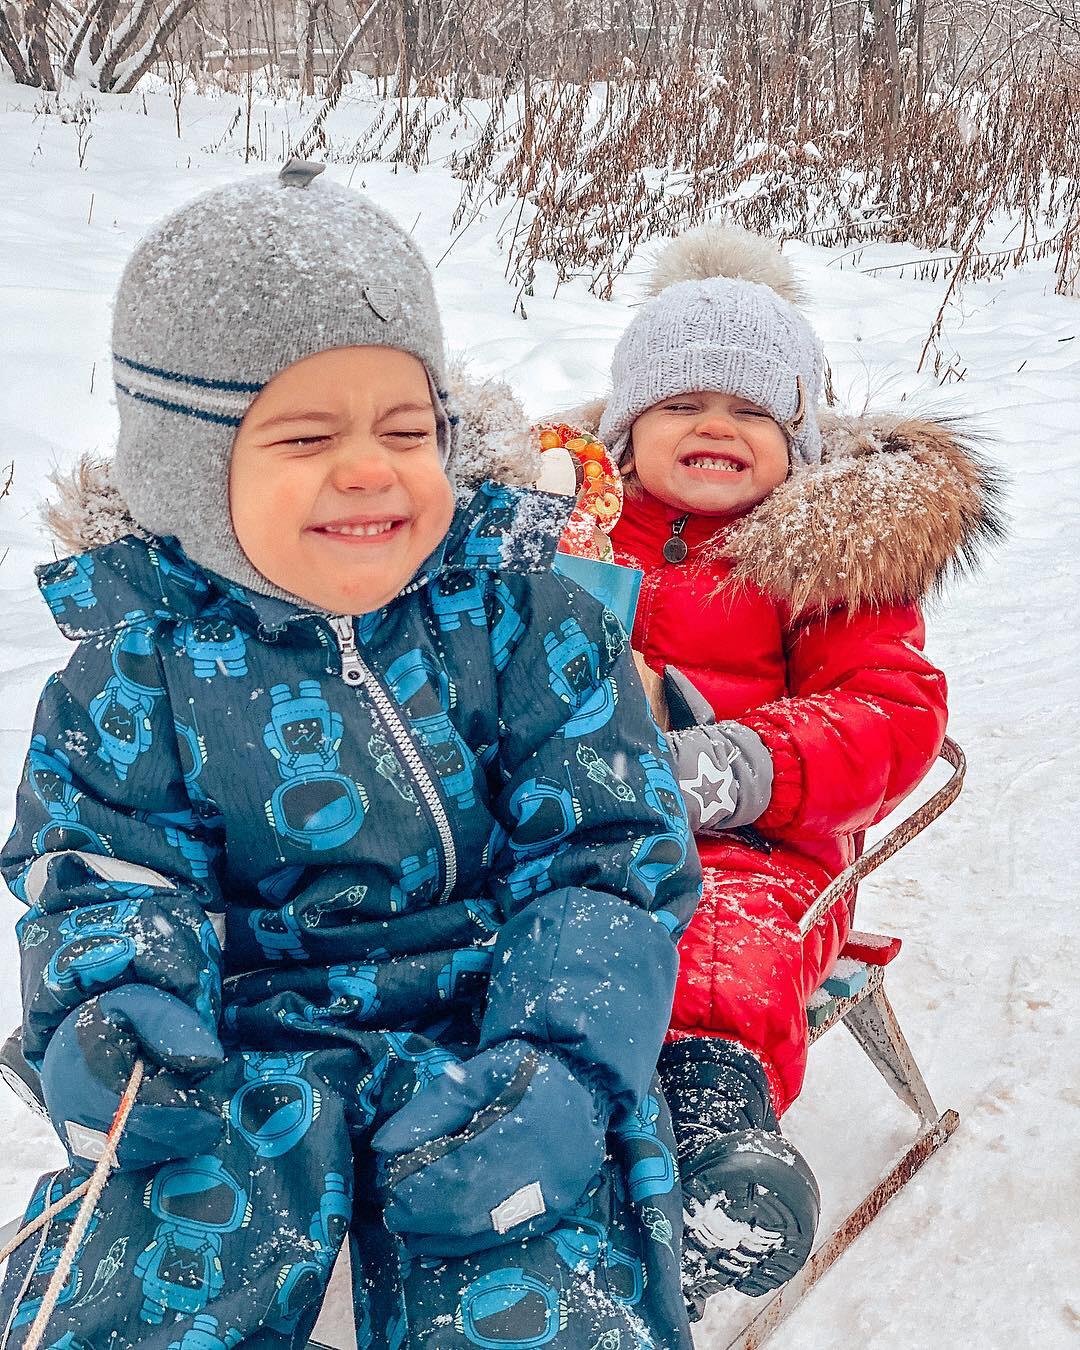 Как весело зимой!. Веселая зима